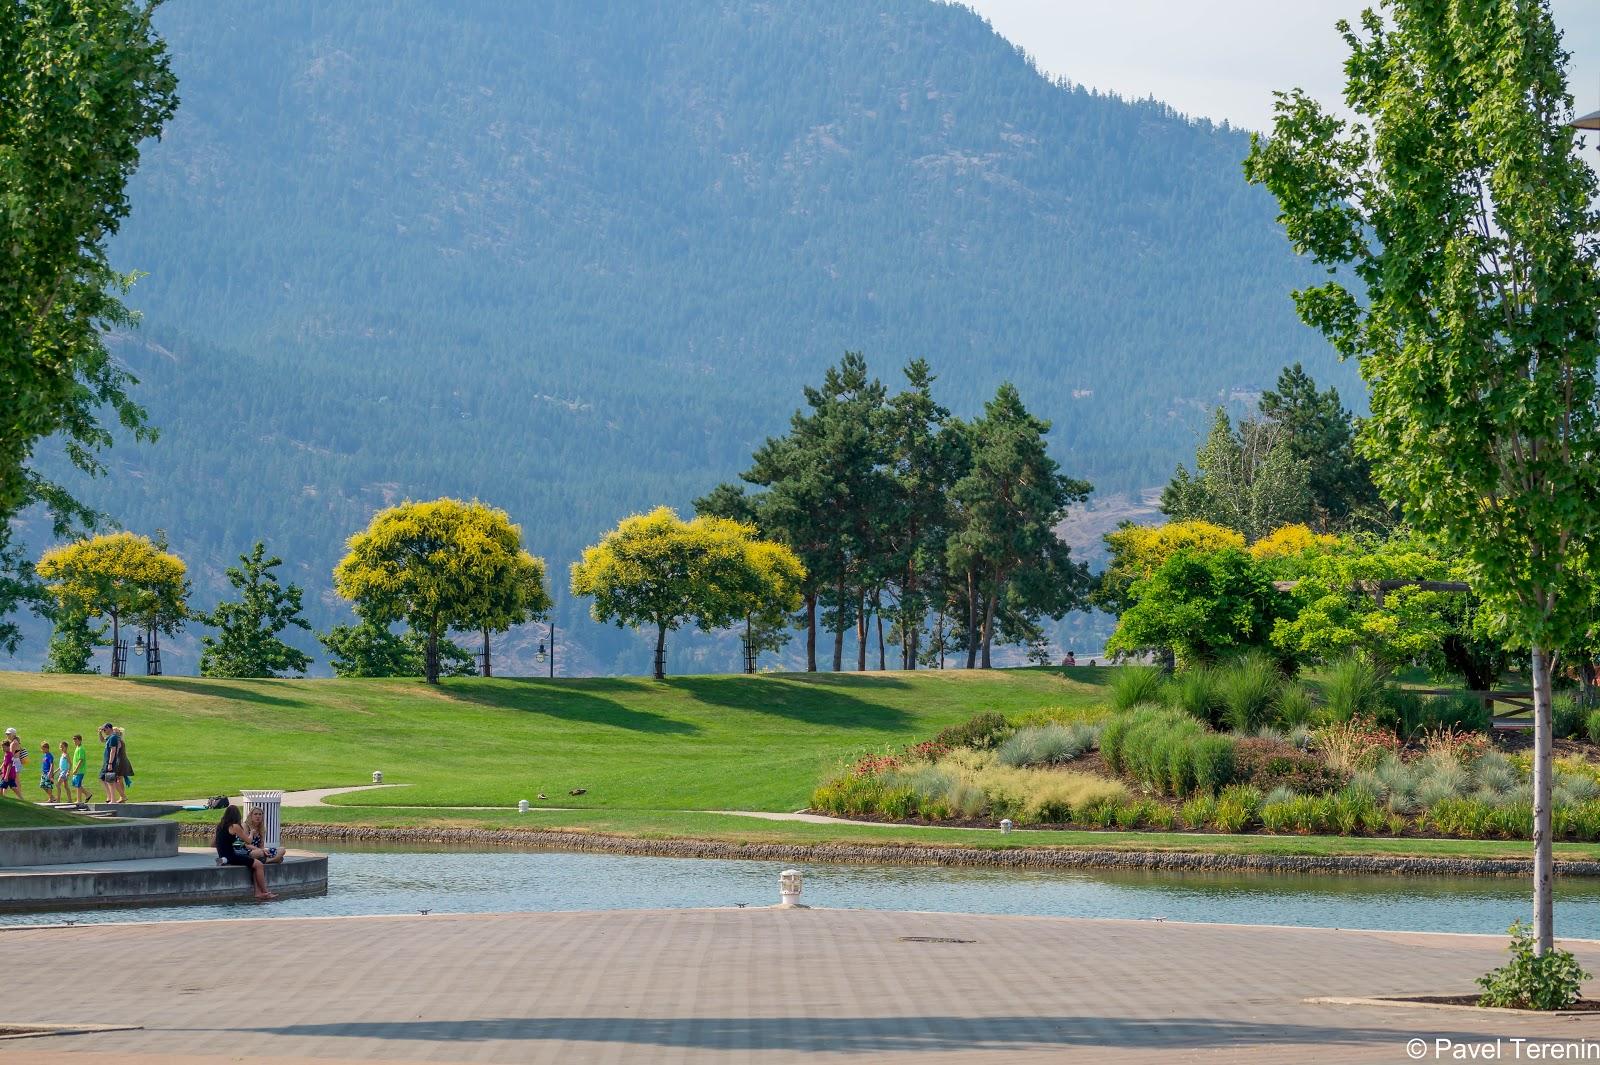 А сам парк очень располагает к посиделкам или пикникам на зелёной травке.